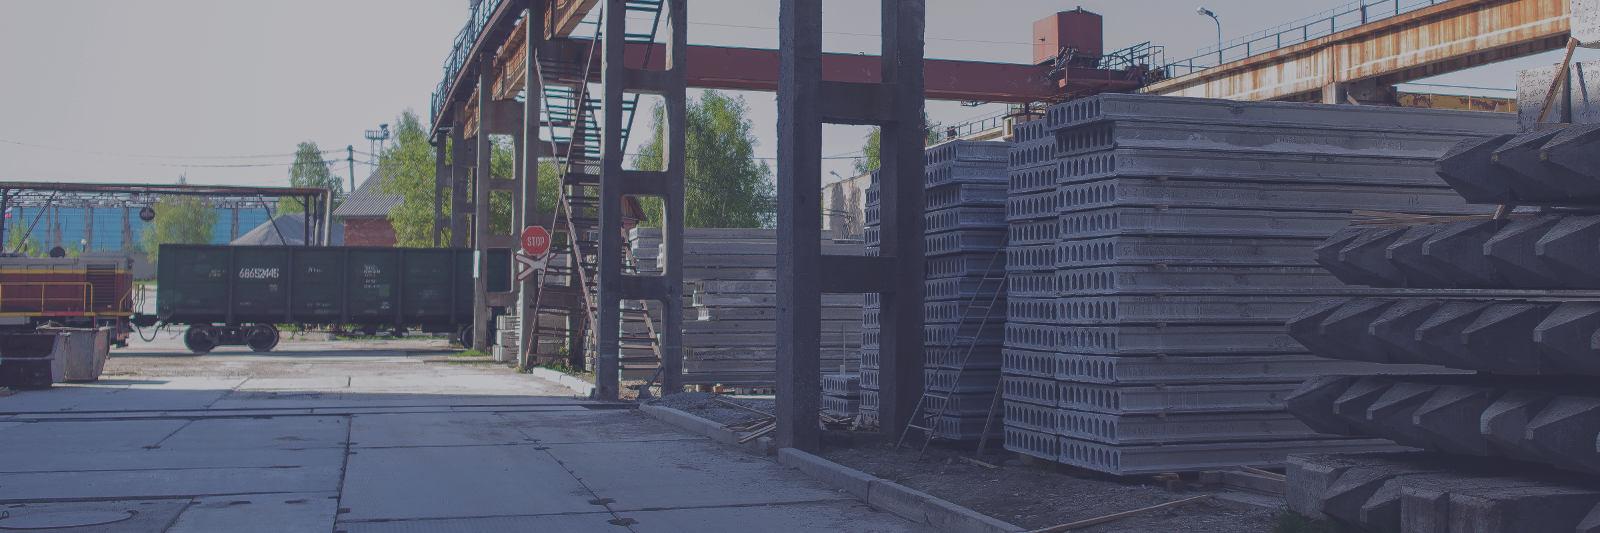 Челябинск жби заводы ттк железобетонные сваи